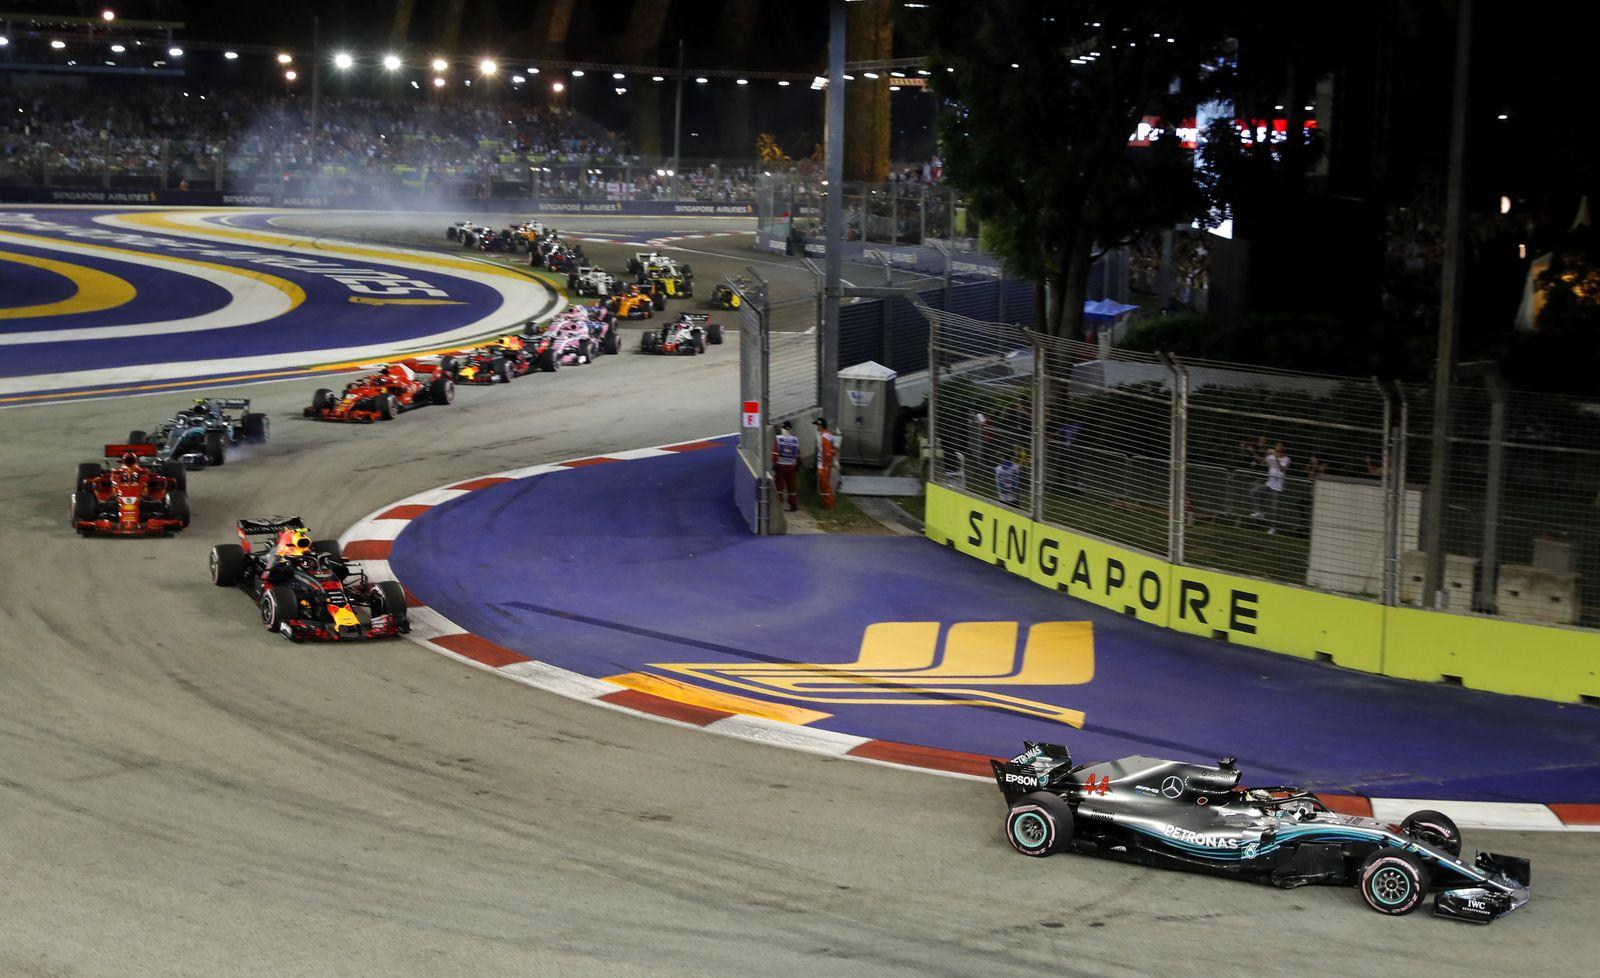 Hamilton Singapur Formel 1